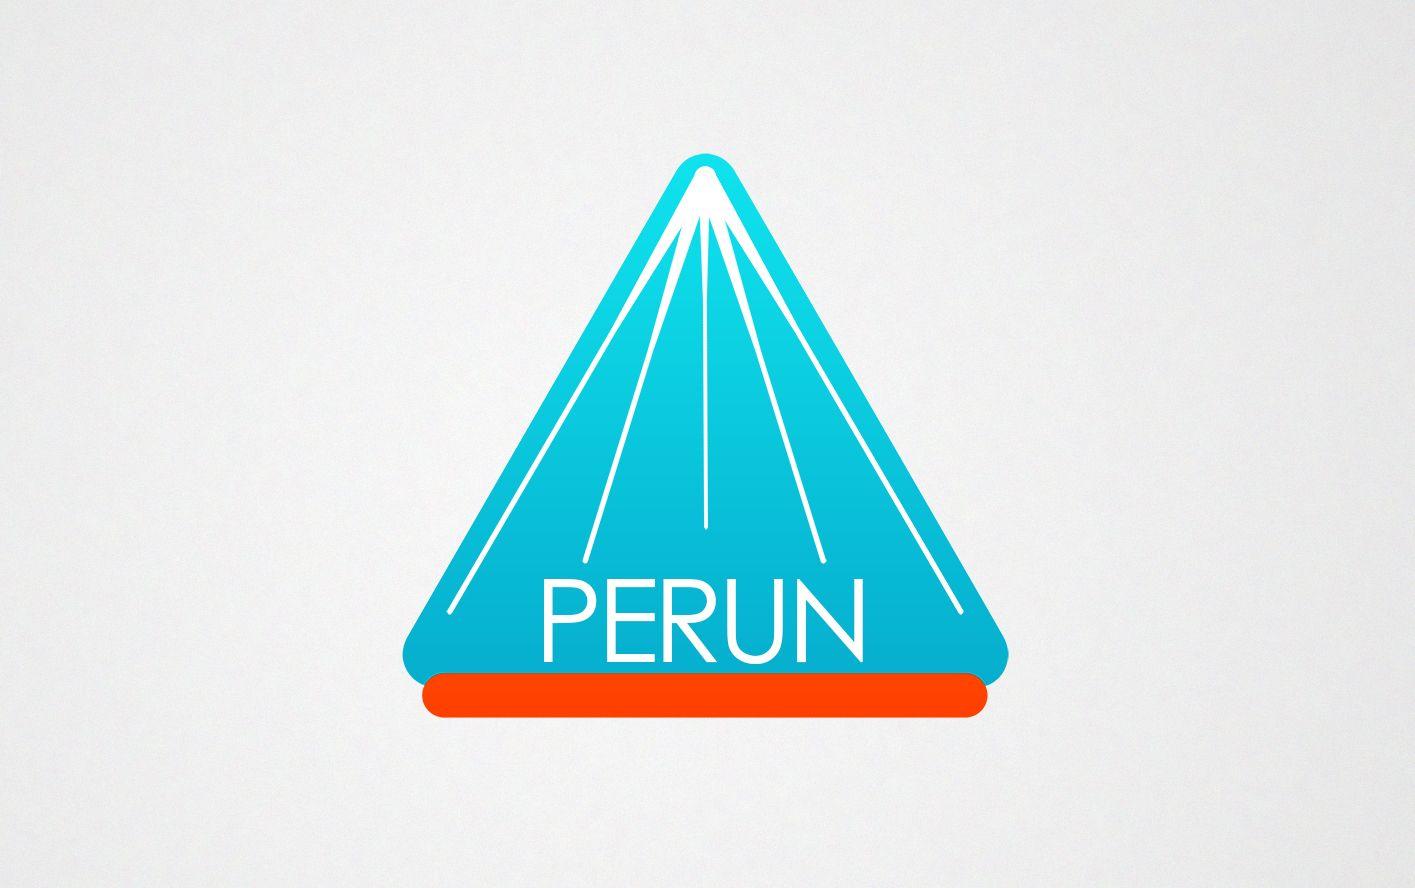 Логотип для компании пожарной безопасности Перун - дизайнер yulyaflower